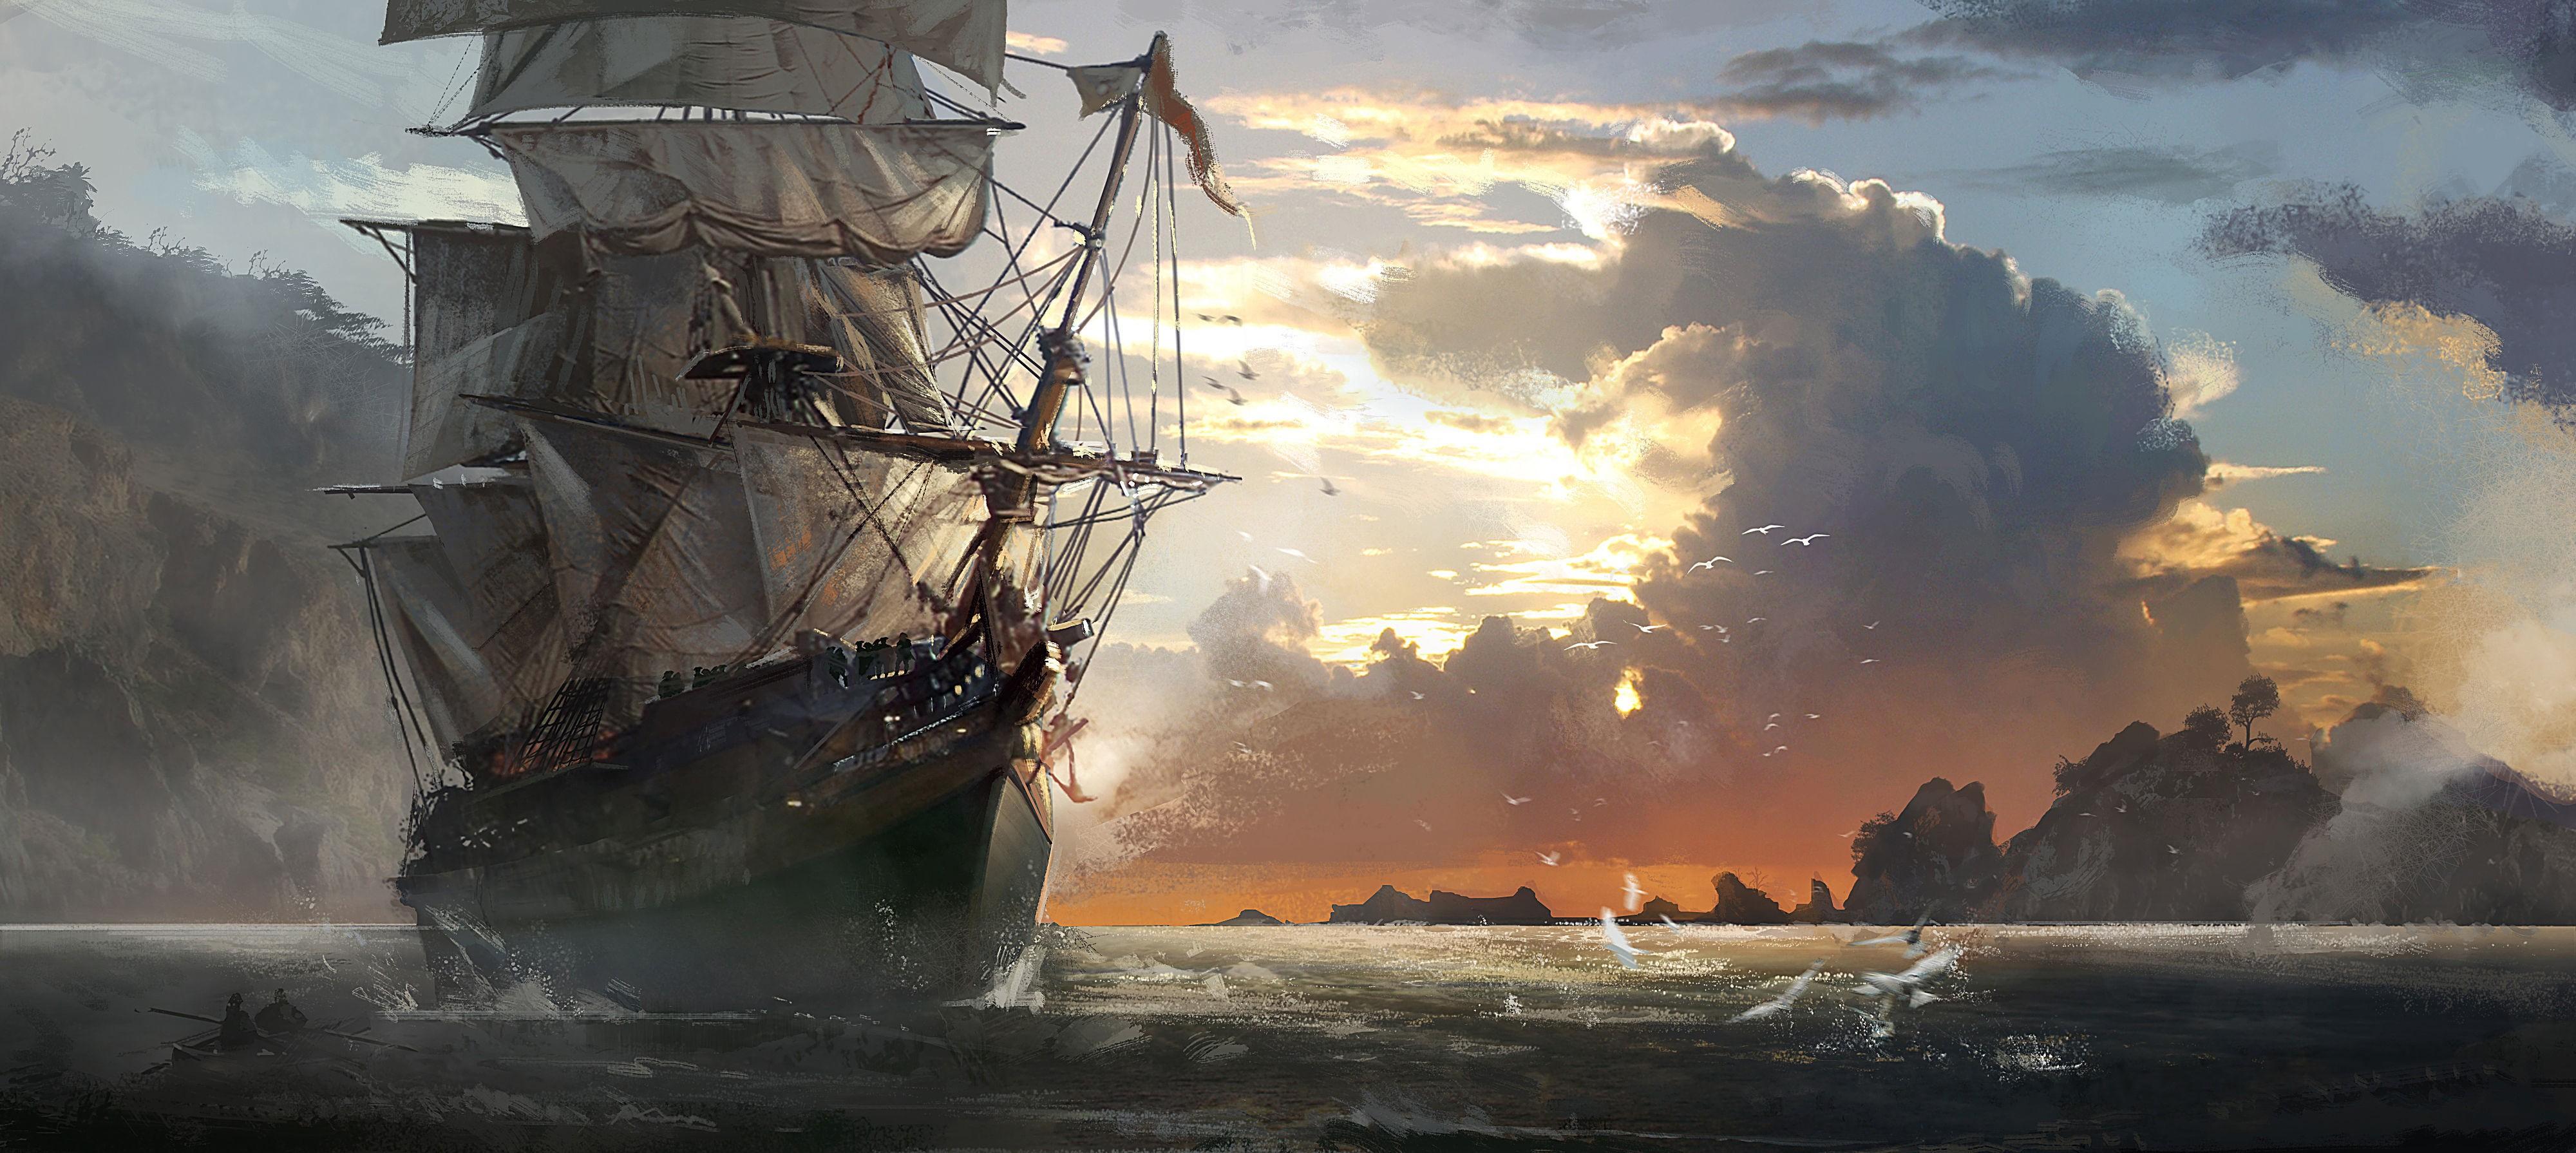 обои для рабочего стола пиратские темы № 618543  скачать